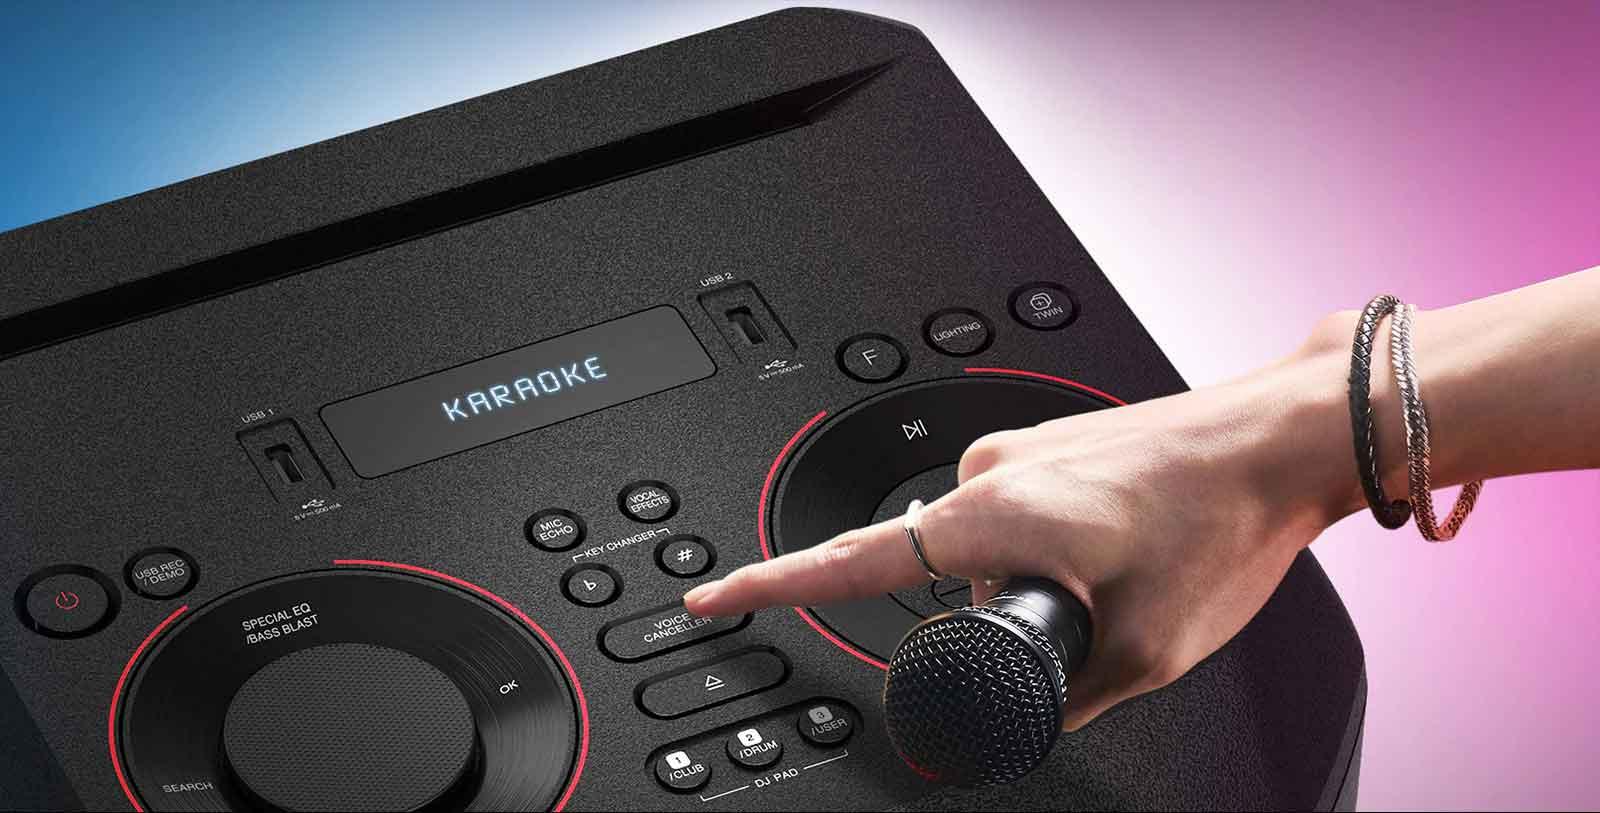 قابلیت کارائوکه سیستم صوتی ال جی on7